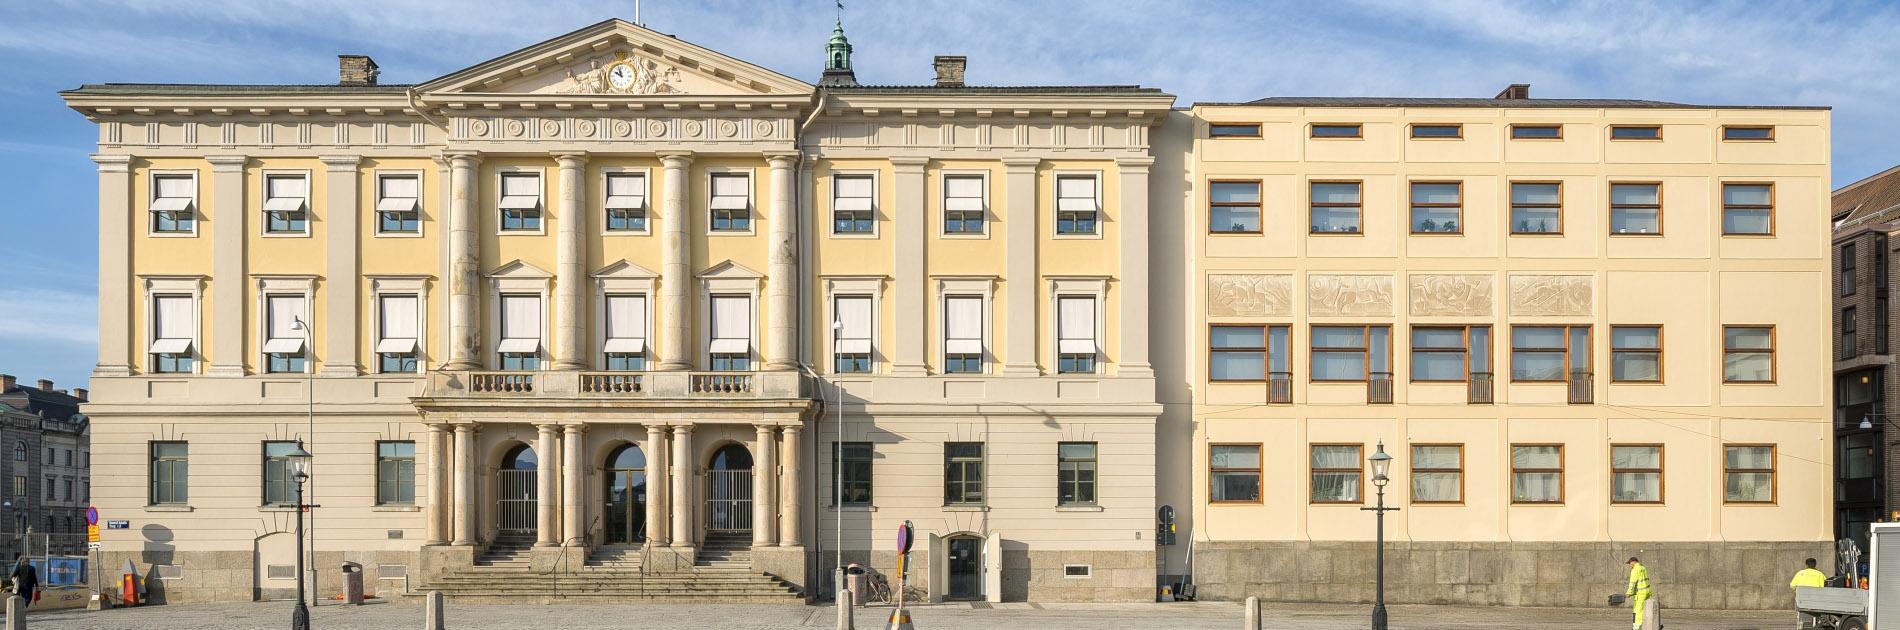 Framsidan av Rådhuset i Göteborg.